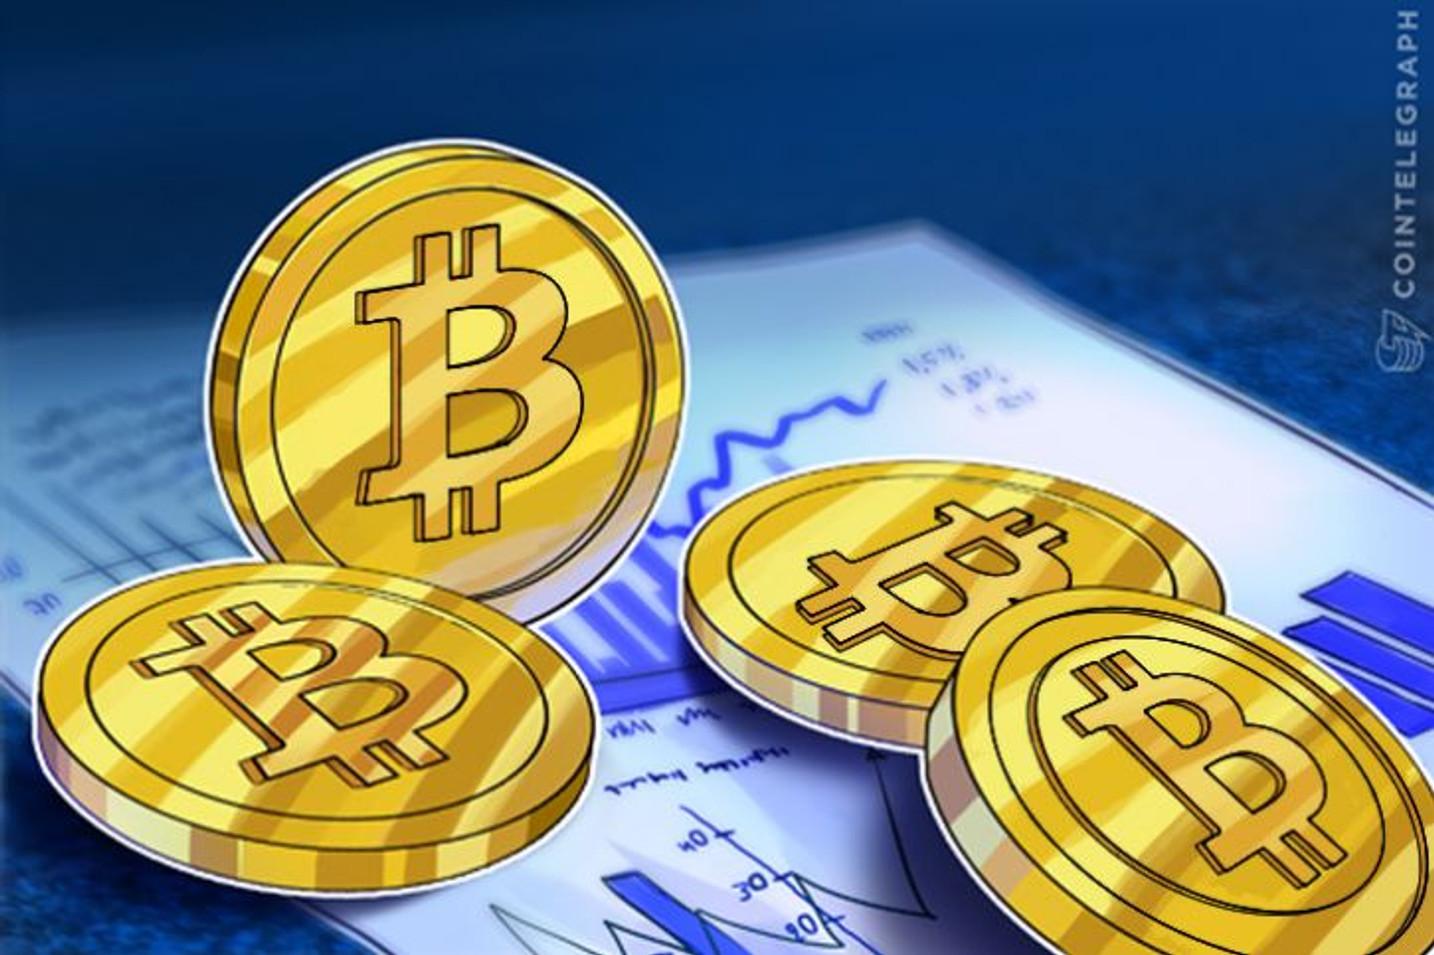 ¿El precio de Bitcoin 'Infinity'? Salida de $4mil hace que los analistas pronostiquen luna de $5mil